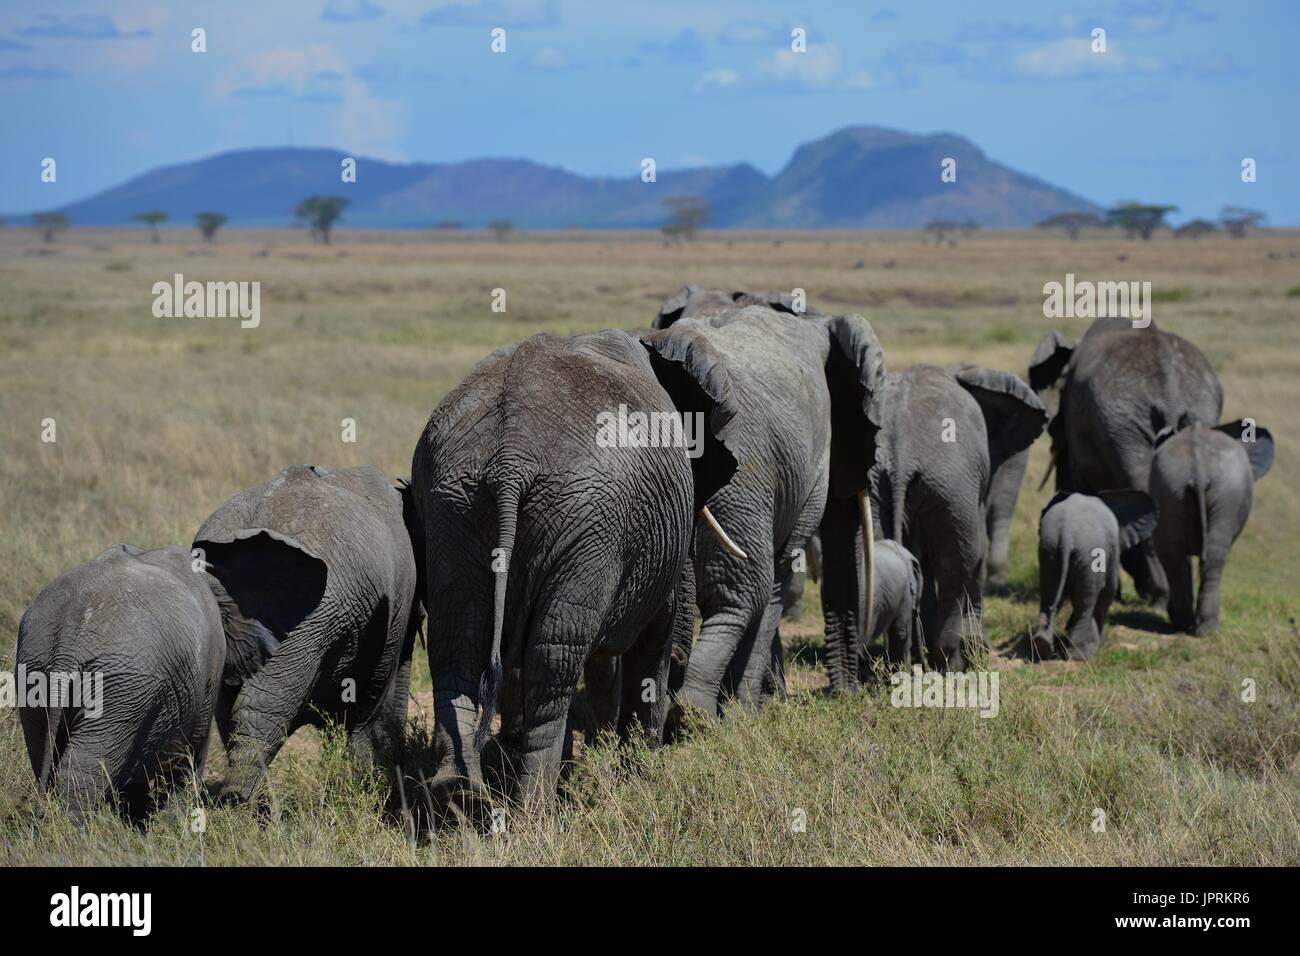 Gli elefanti maestosi passi la savana del Serengeti National Park in Tanzania, africa. Immagini Stock